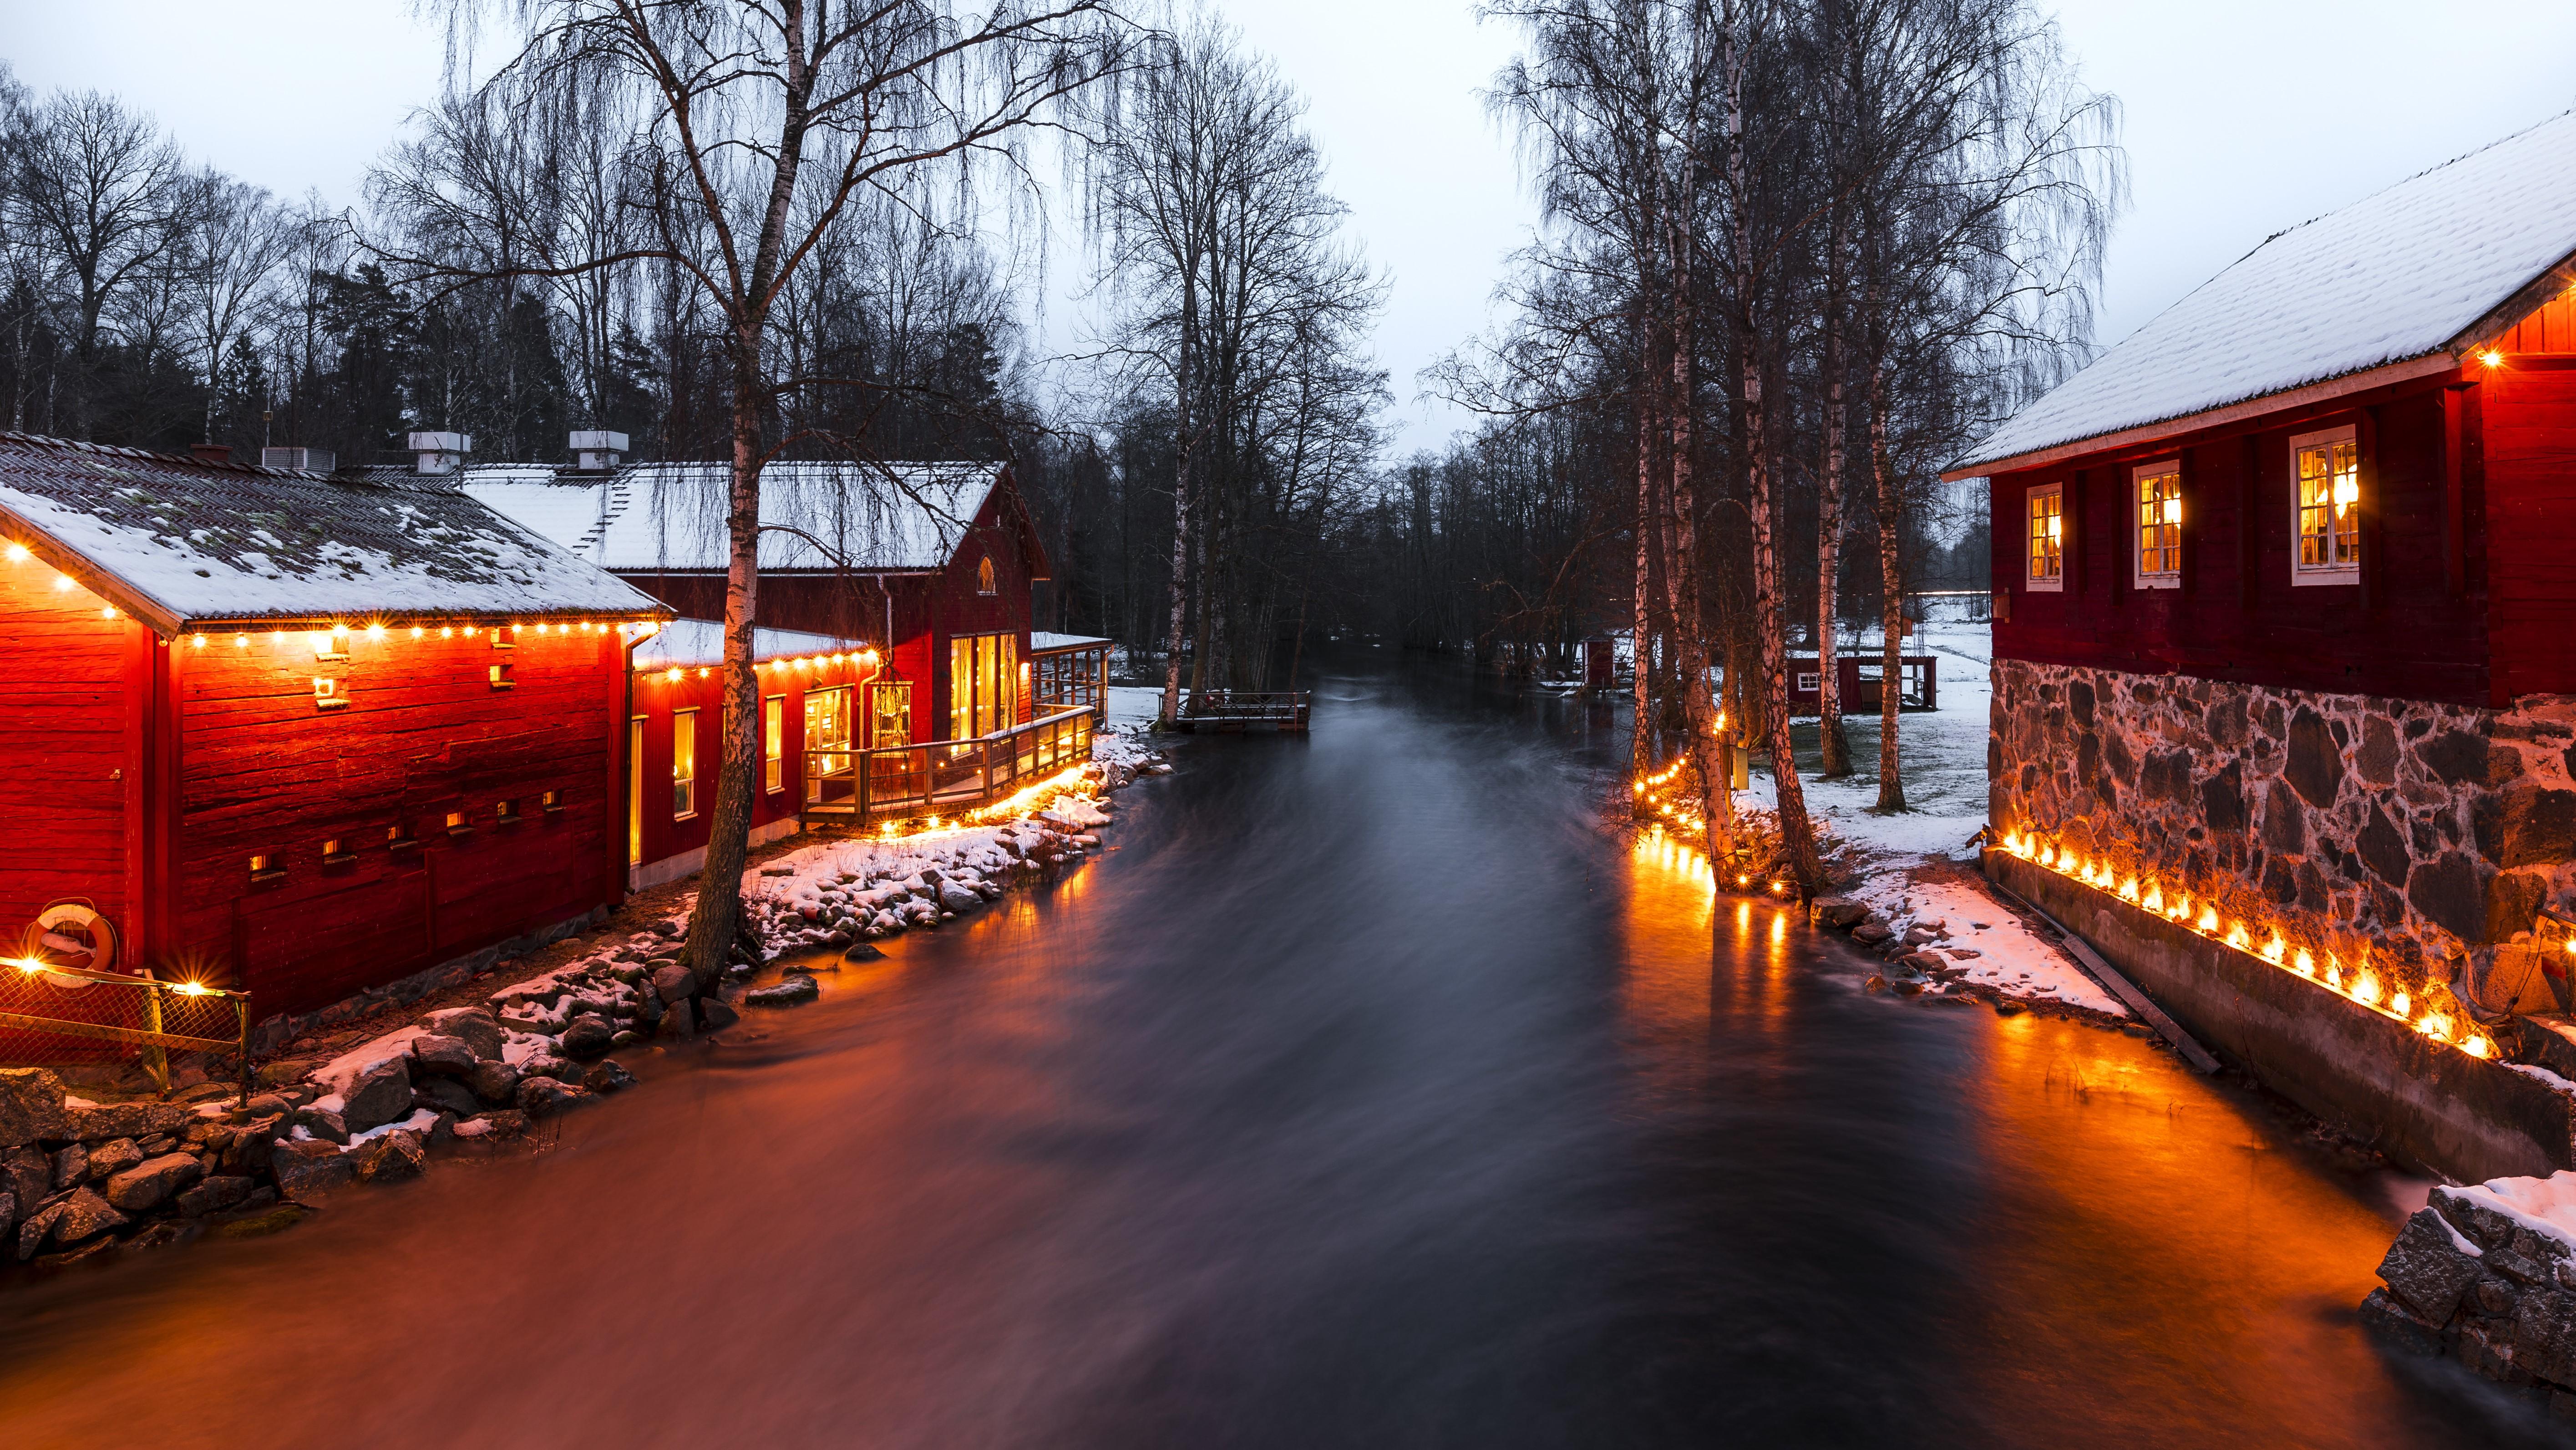 Winter at Korrö